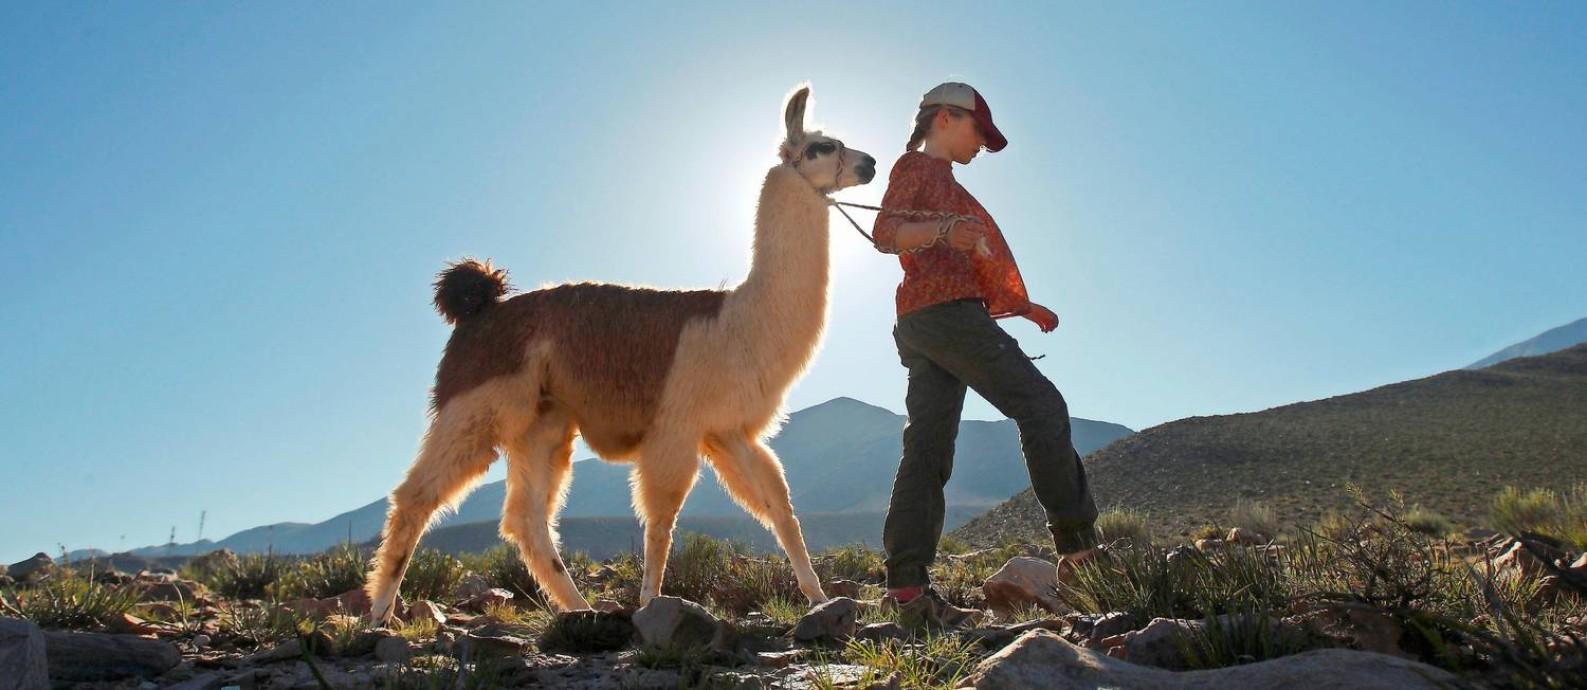 Em Tilcara, na Argentina, visitantes saem em caravanas em passeios de lhama Foto: El Mercurio/Chile/GDA / Cristian Carvallo